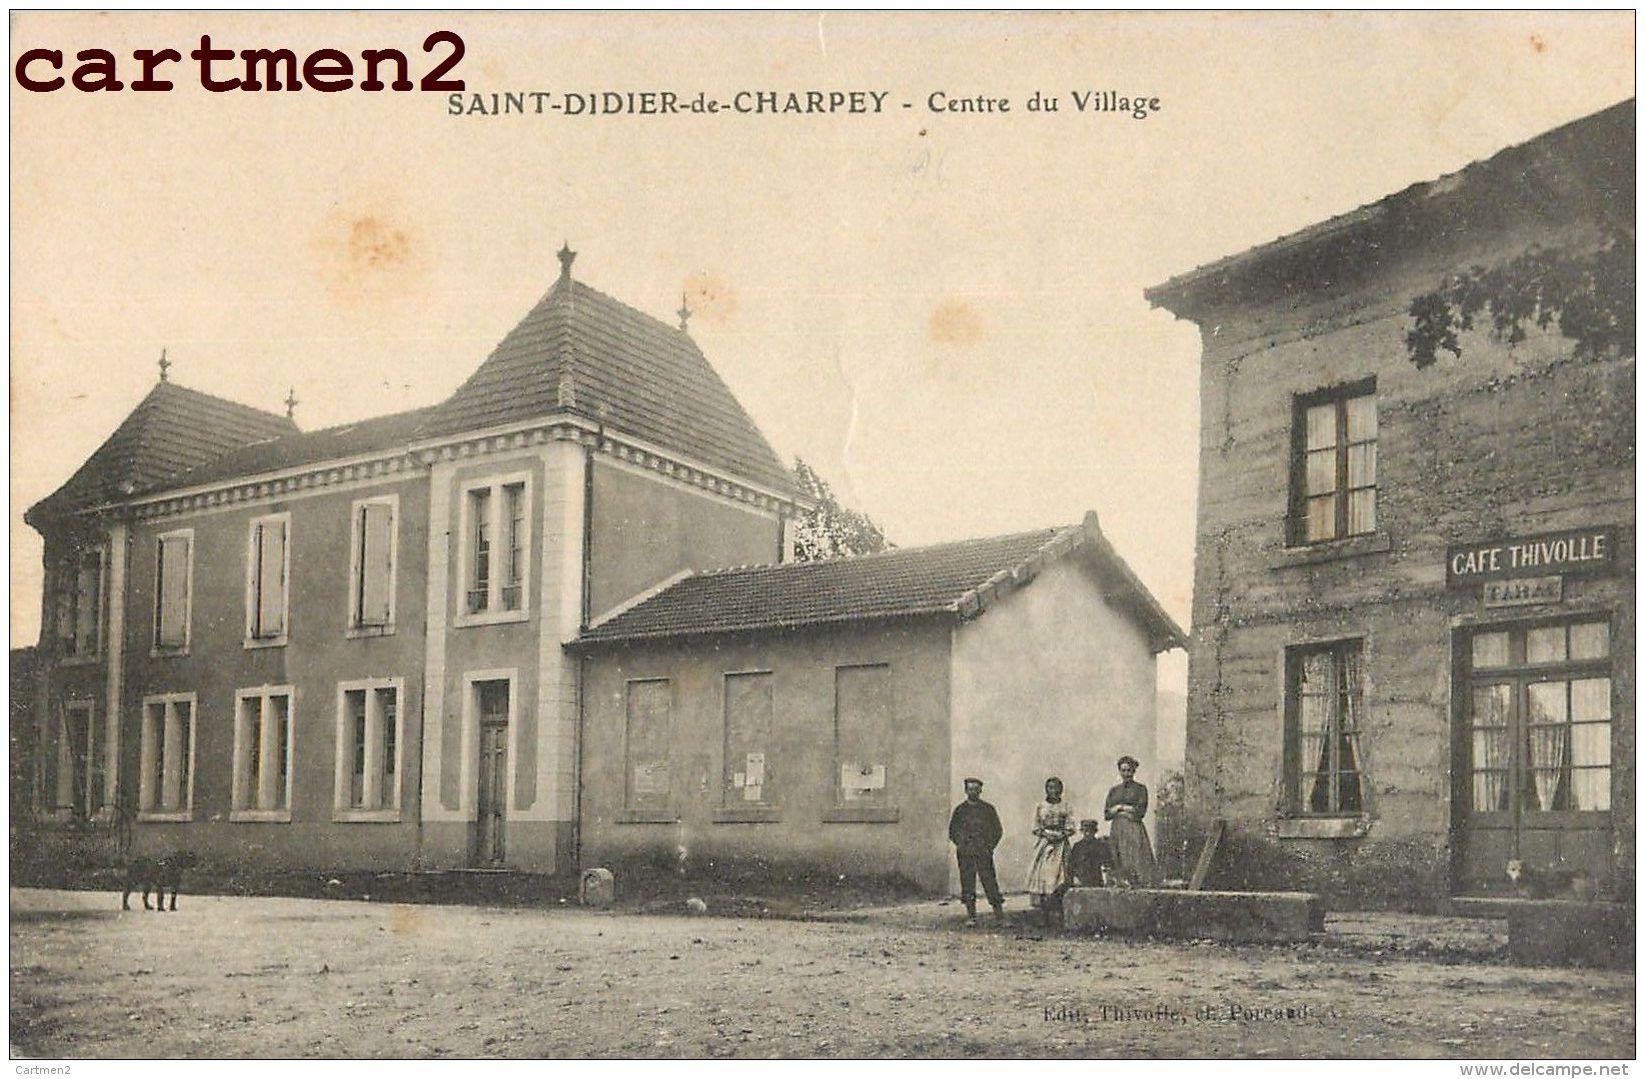 SAINT-DIDIER-DE-CHARPEY CENTRE DU VILLAGE 26 - Francia